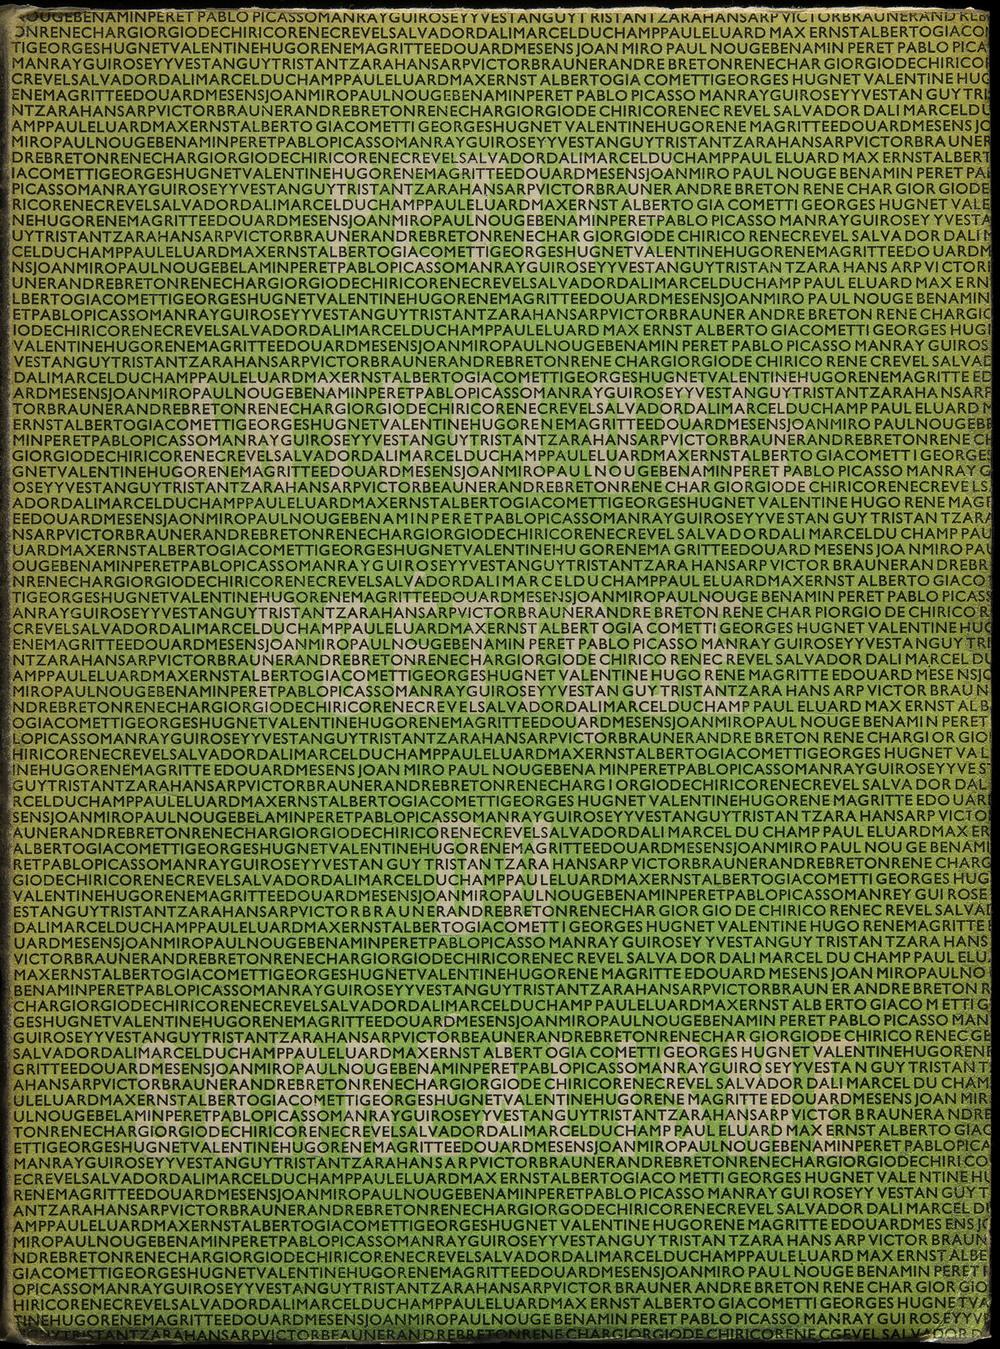 Georges Hugnet,  Petite Anthologie Poétique du Surréalisme , Éditions Jeanne Bucher, Paris, 1934, 14.2 x 19.2 cm